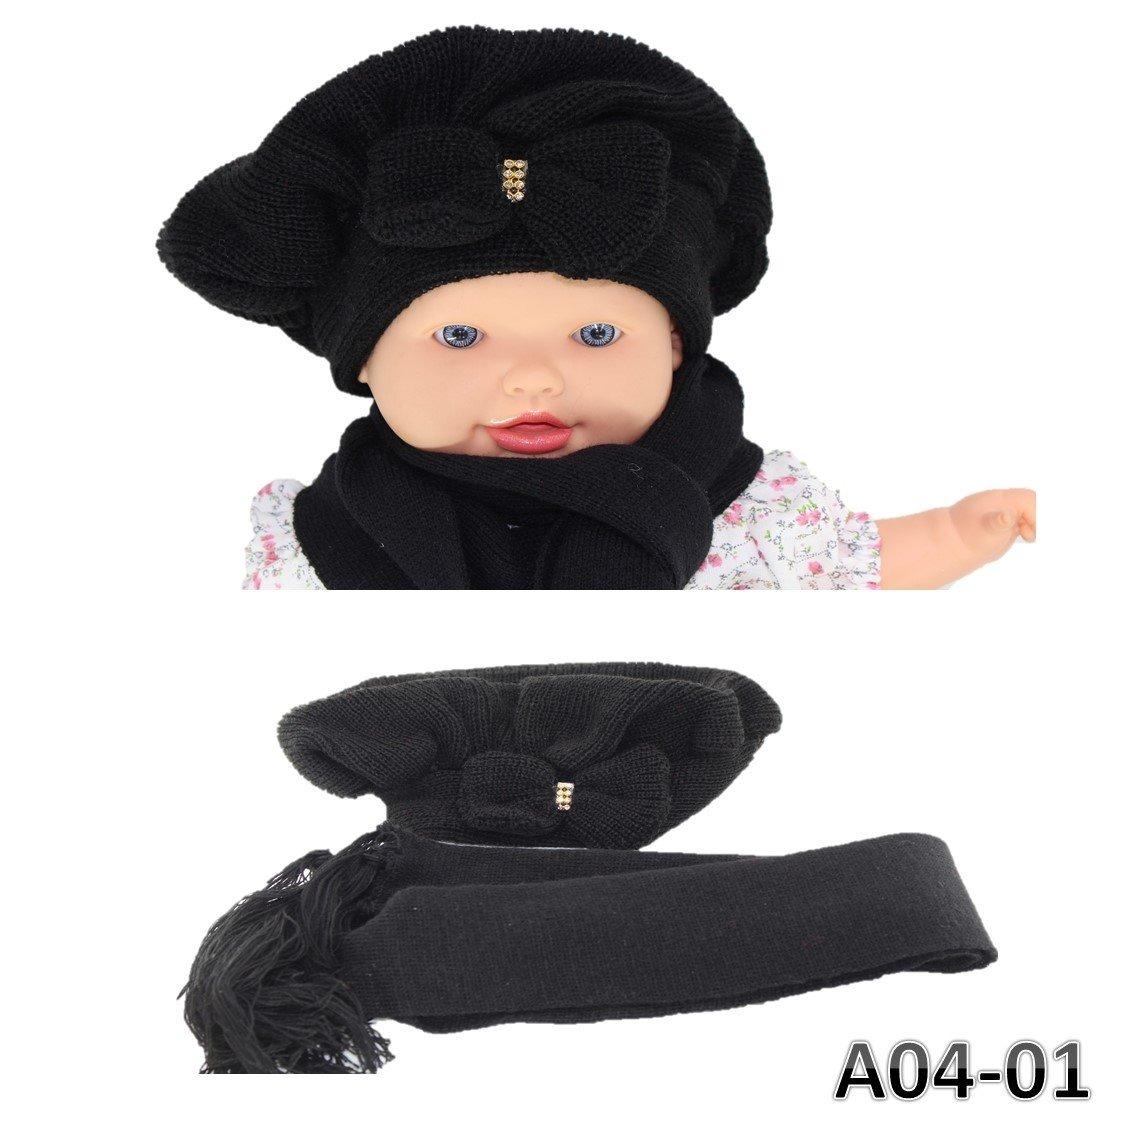 boina infantil tipo touca crochê com laço modelos exclusivos. Carregando  zoom. 511470e7ad5